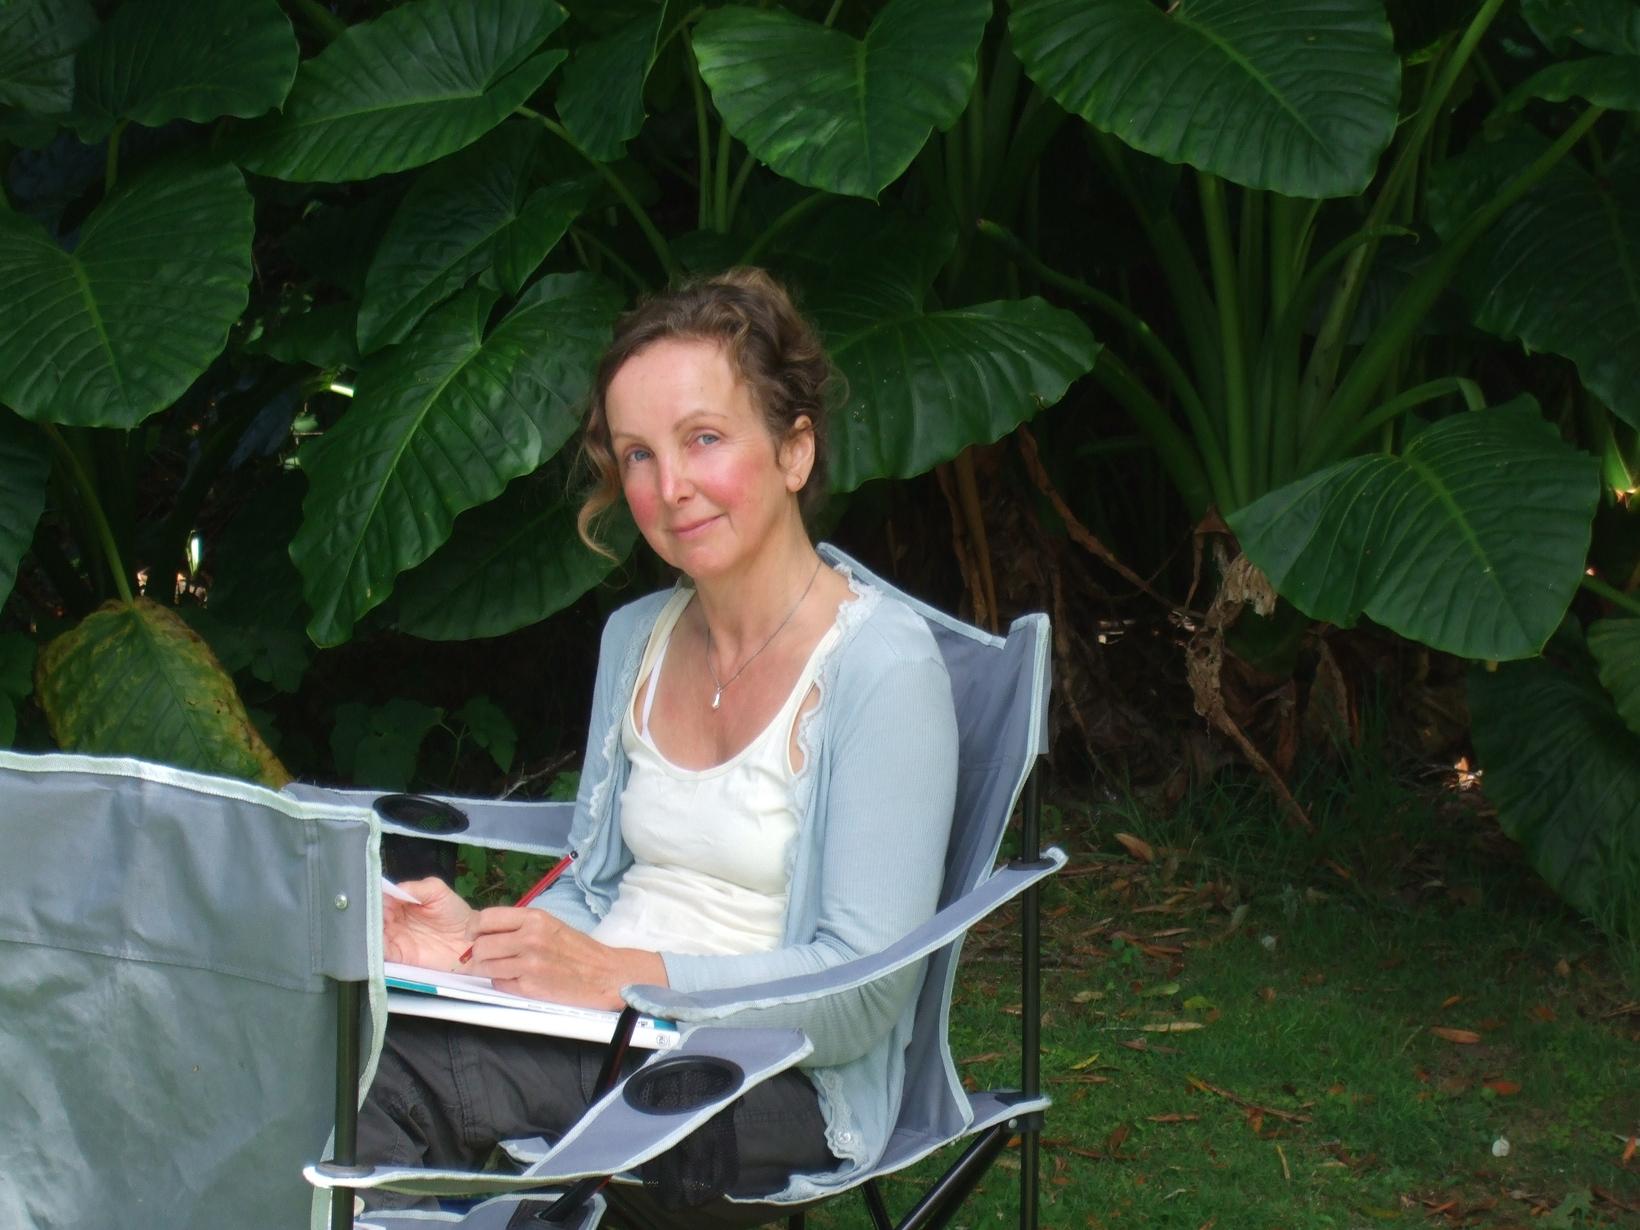 Jane from Hereford, United Kingdom